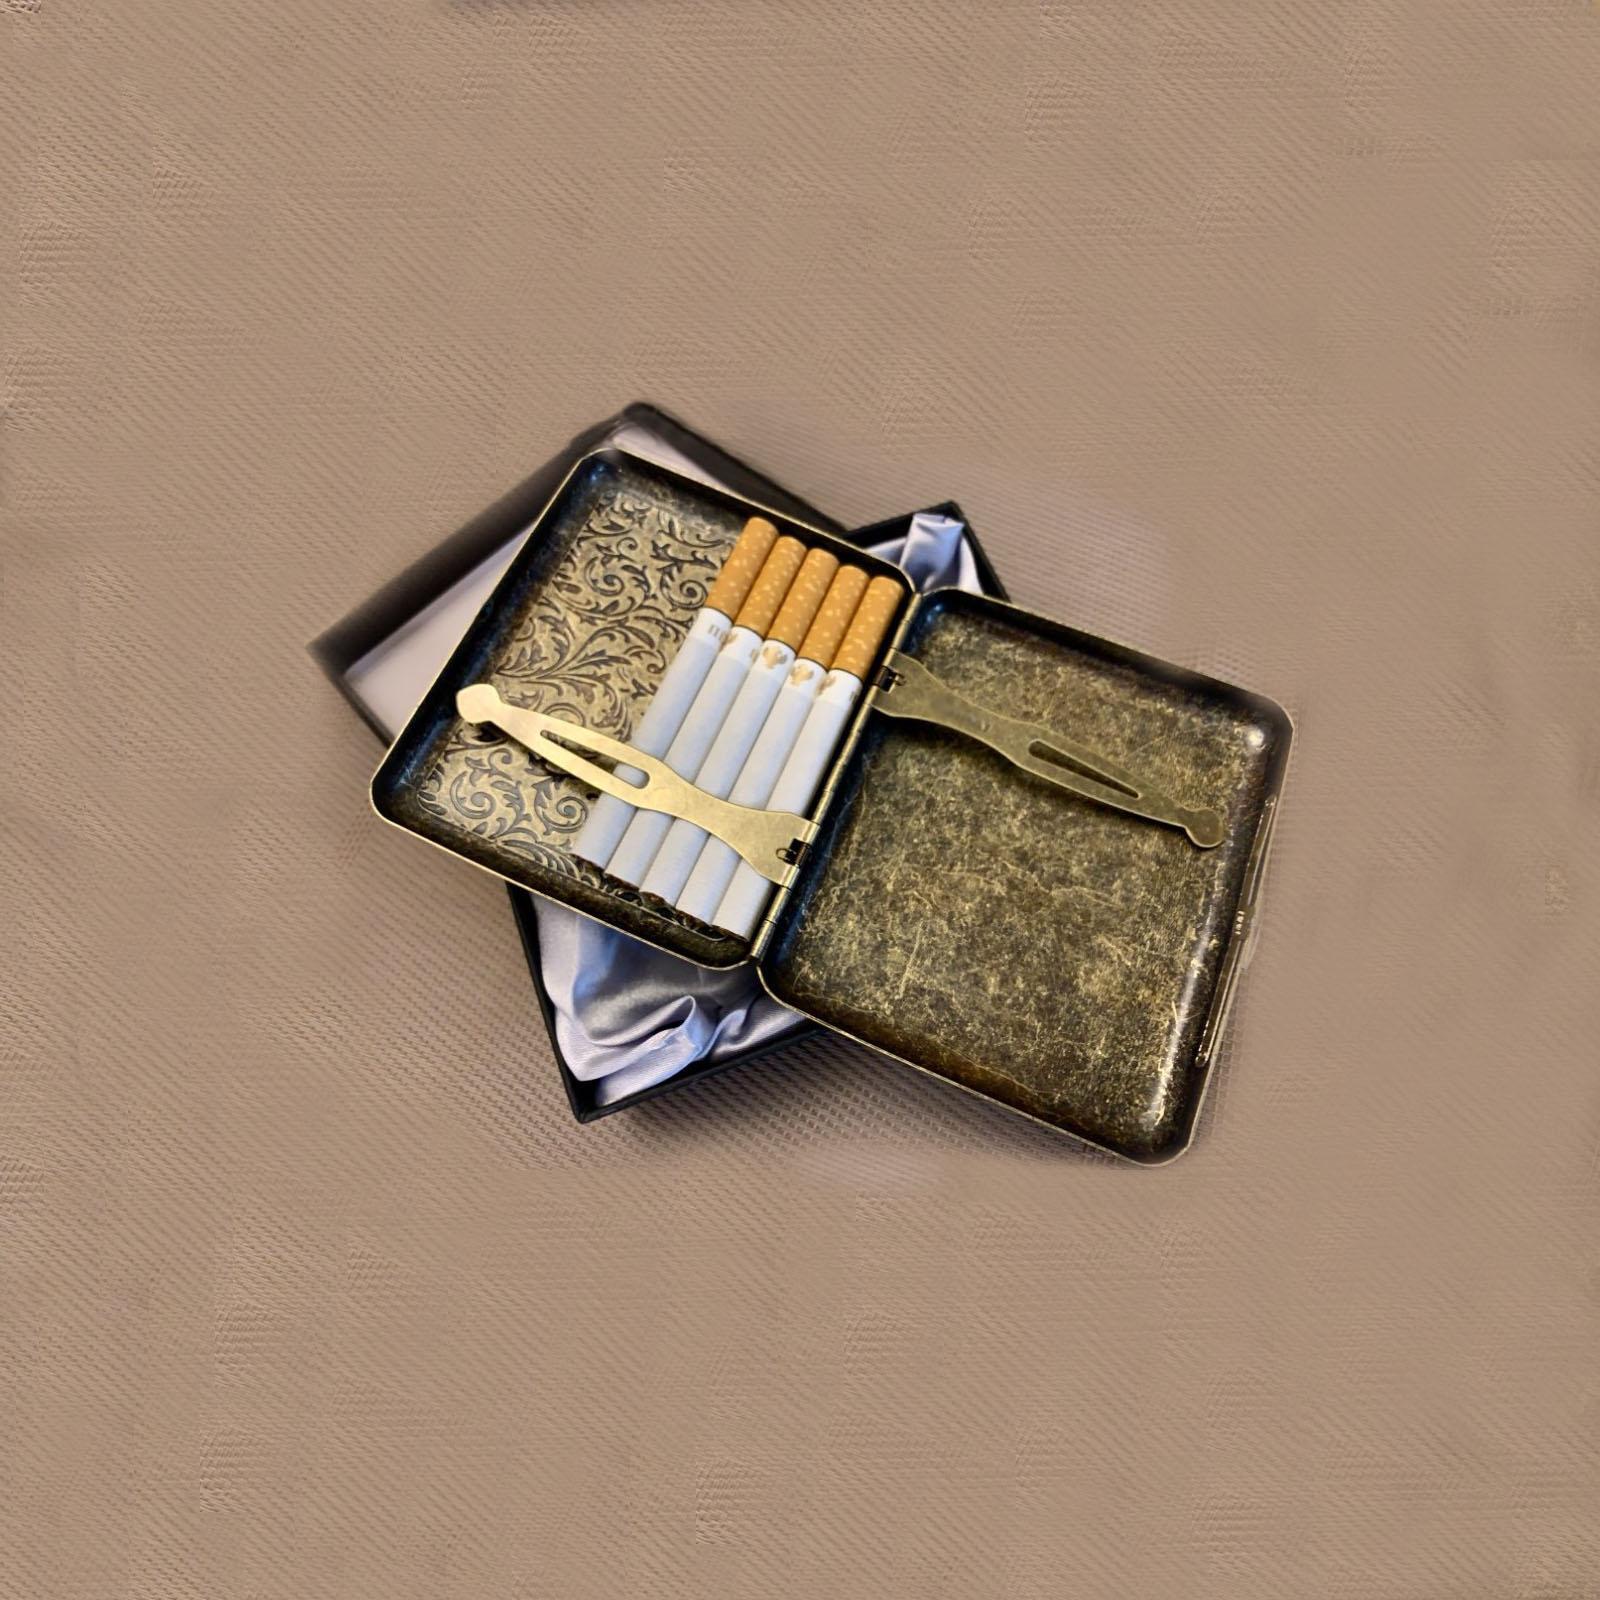 postsigarai postcigarai dezutes  kiseninis cigareciu deklas dovana teciui vyrui vyrams  jubiliejaus gimtadienio progra metalinis kokybiskas varinis zalvarinis bronzinis metalisnis 3